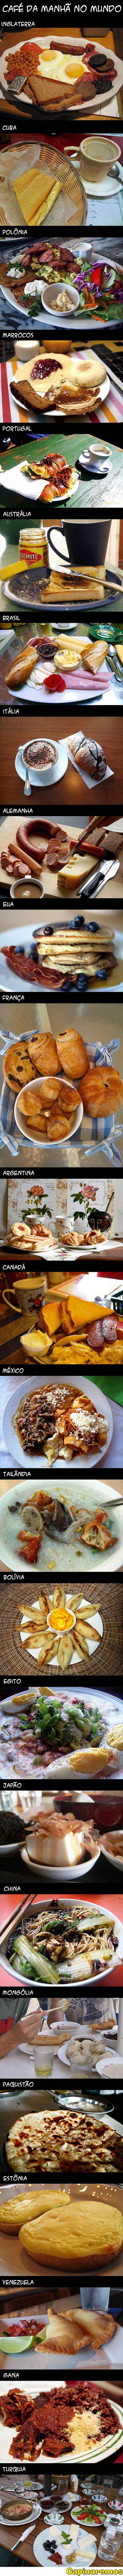 Os tradicionais cafés-da-manhã pelo mundo.